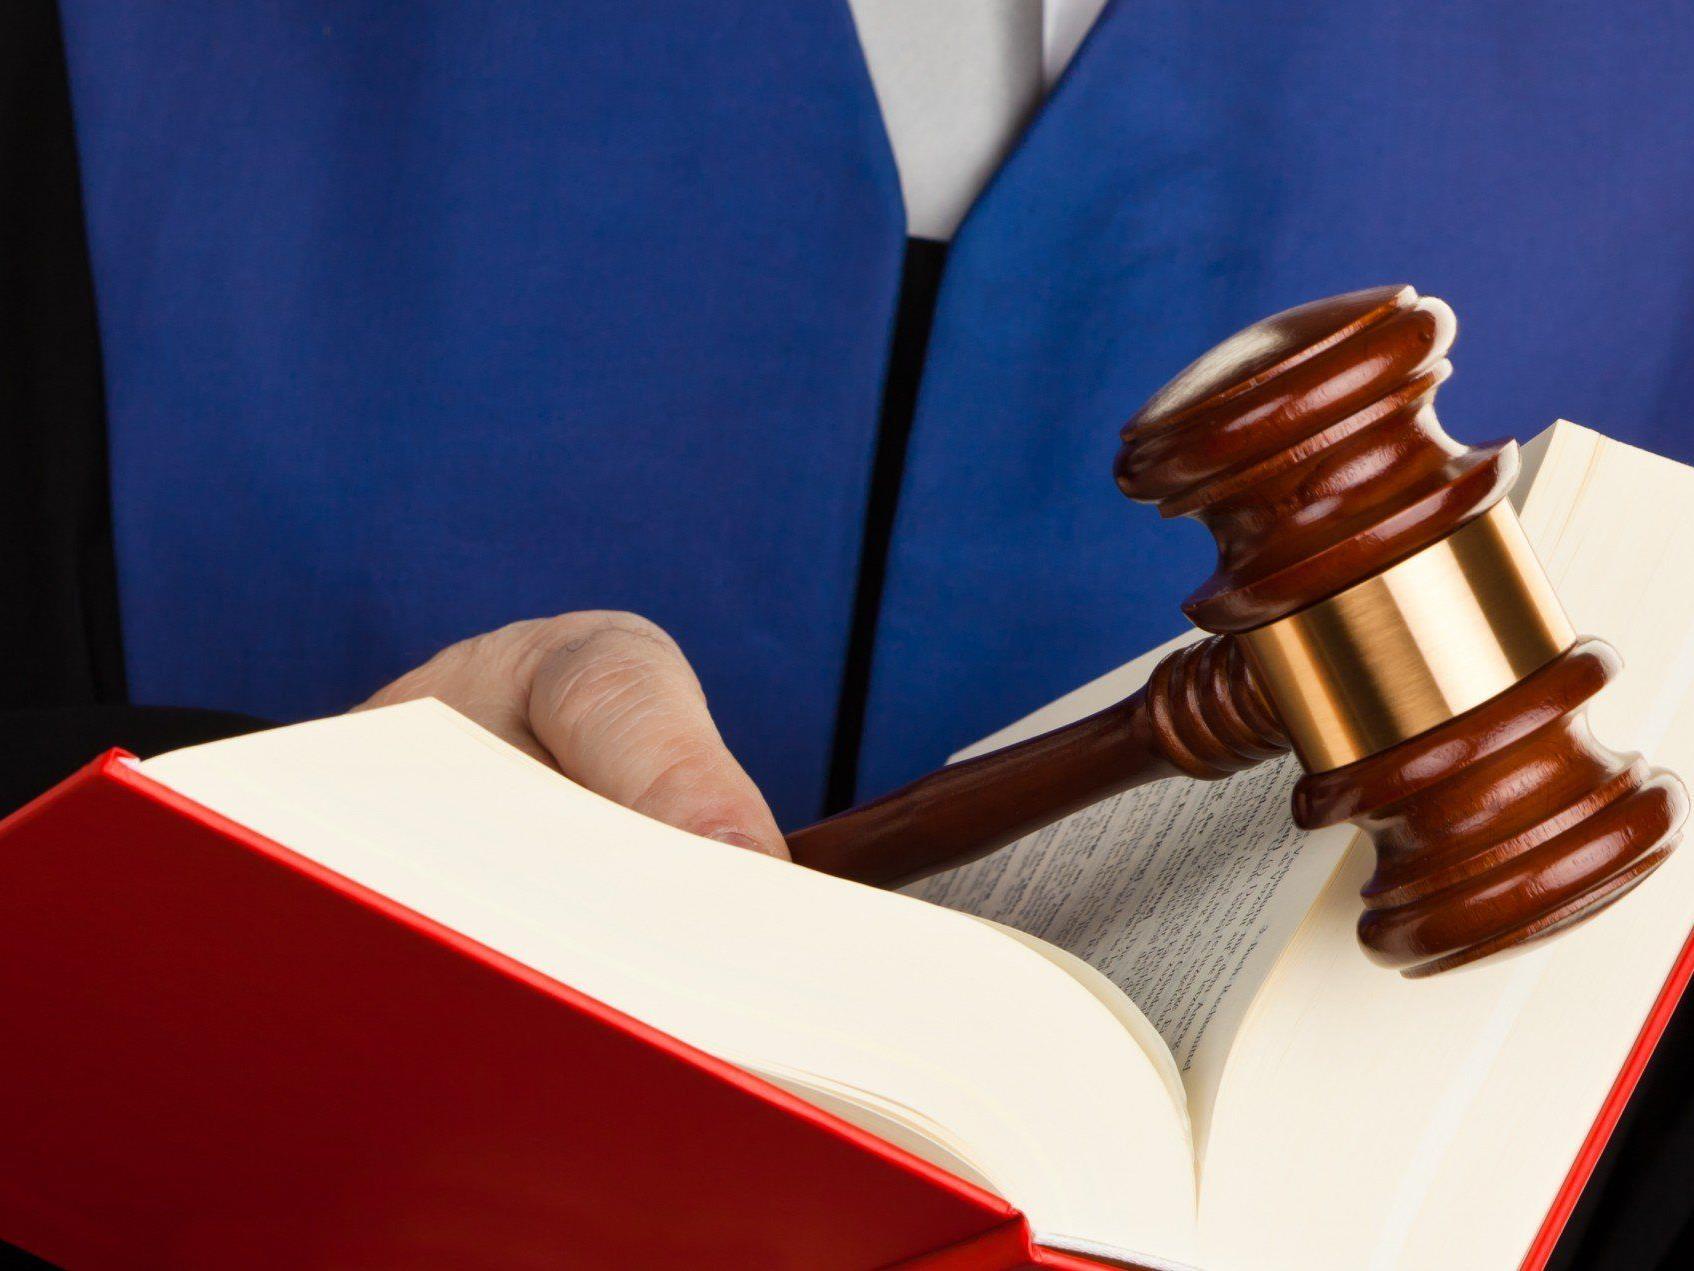 Nach unklaren Zeugenaussagen will das Gericht noch zwei Polizisten hören, die am Tattag, dem 9. Juni, im Einsatz waren.